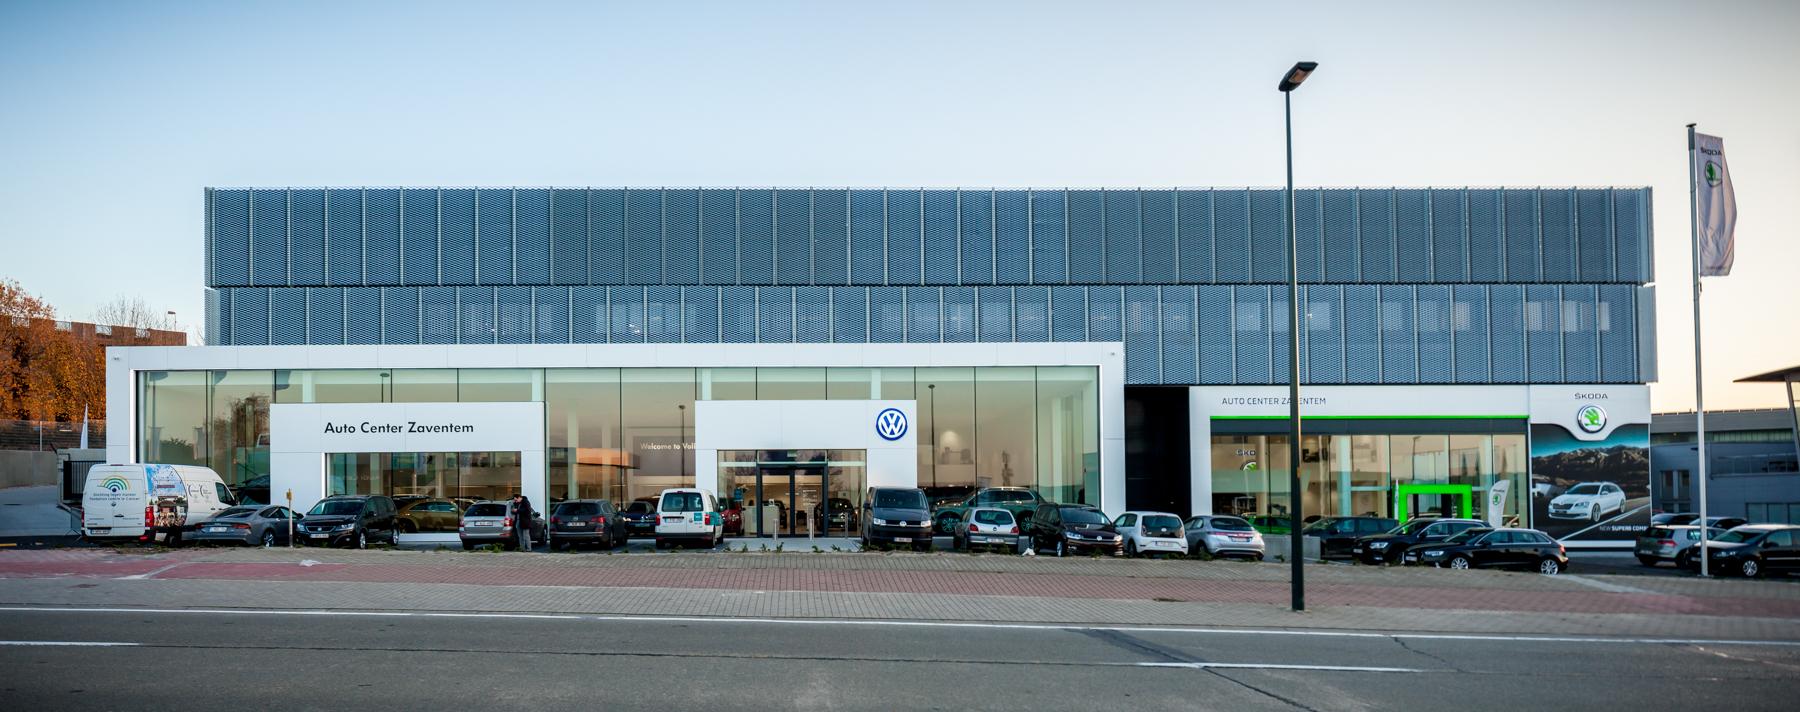 Auto Center Zaventem-40-Pano.jpg